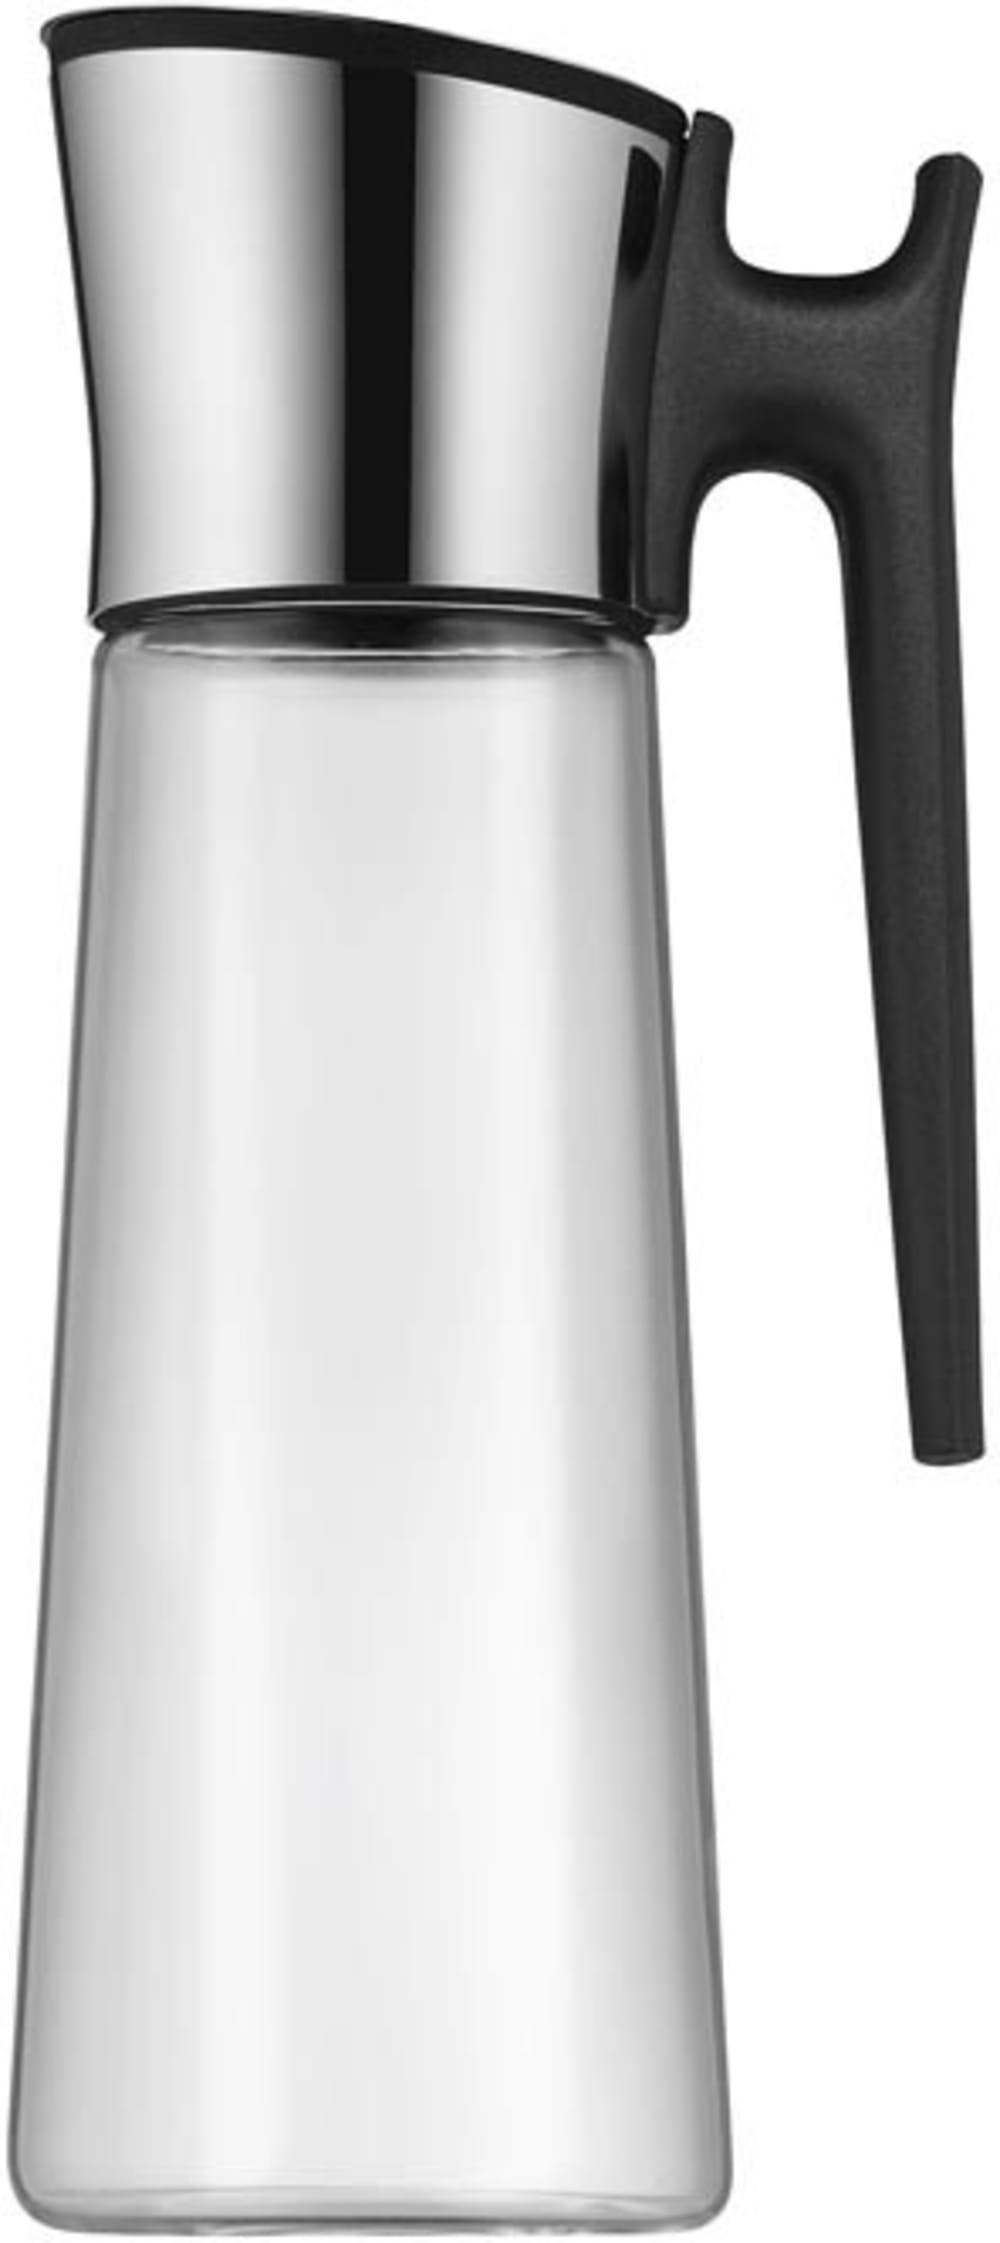 Karafka do wody z uchwytem 1,5 l Basic